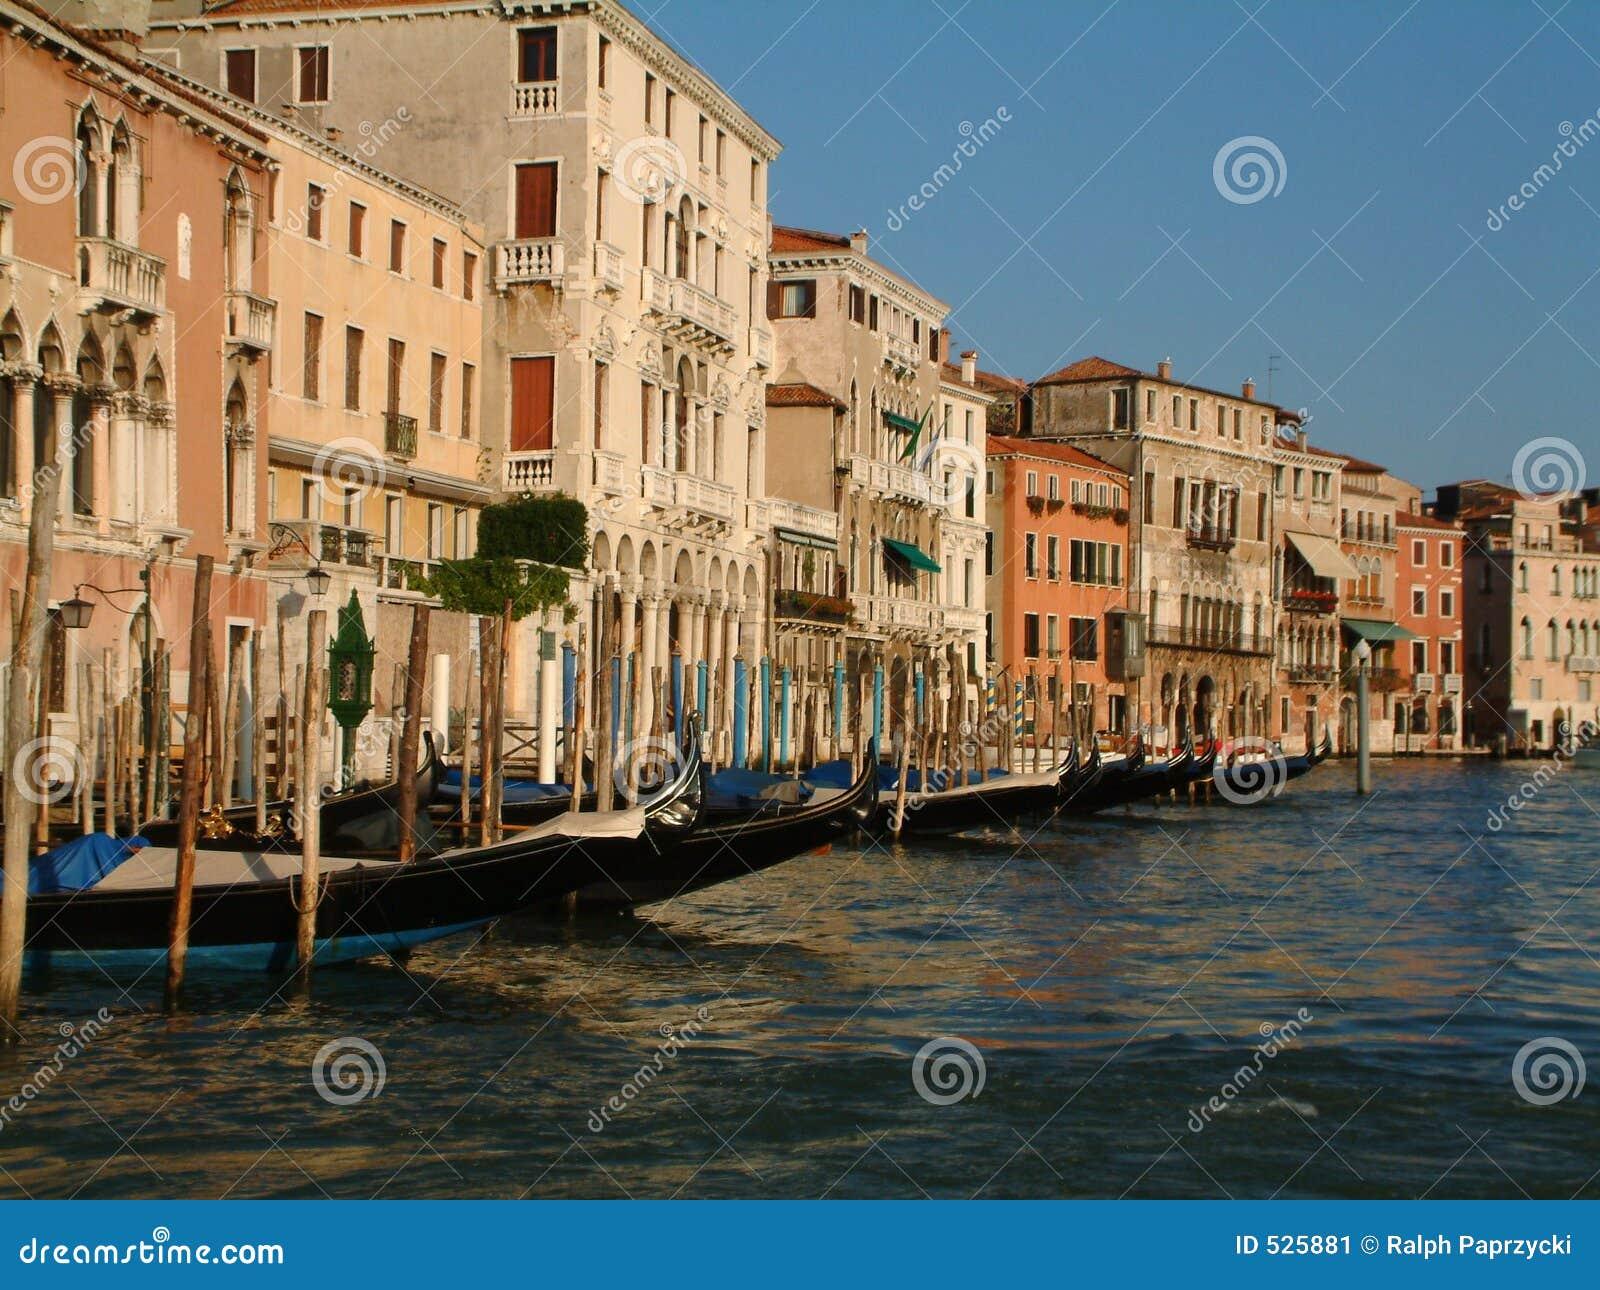 Download 威尼斯 库存图片. 图片 包括有 运河, 拱道, 小船, 浪漫, 节假日, 贿赂, 长平底船, 意大利, 威尼斯 - 525881